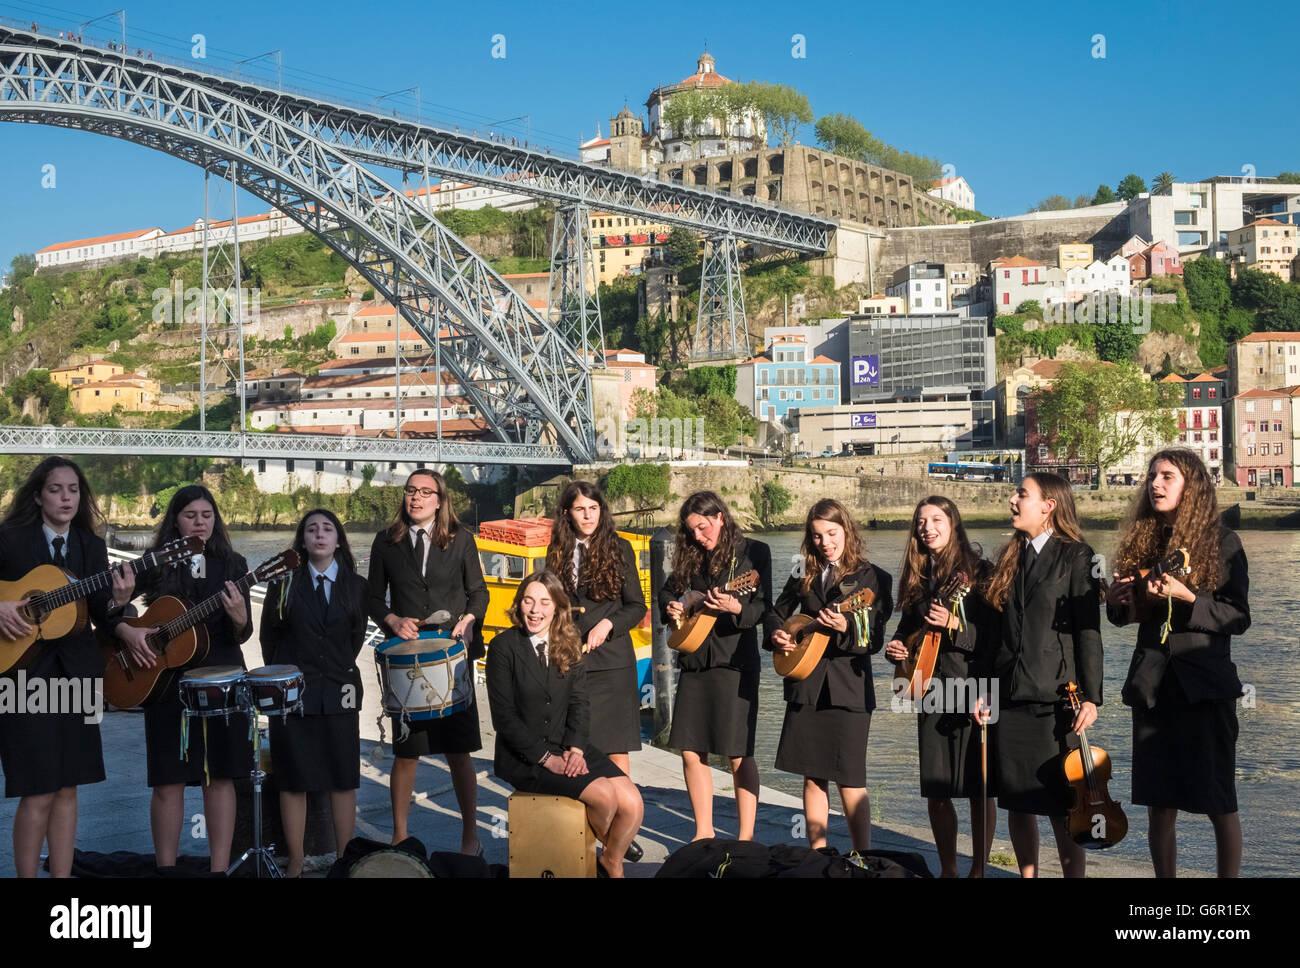 Los jóvenes estudiantes del Instituto de Ciencias Biomédicas Abel Salazar, interpretando a los turistas Imagen De Stock